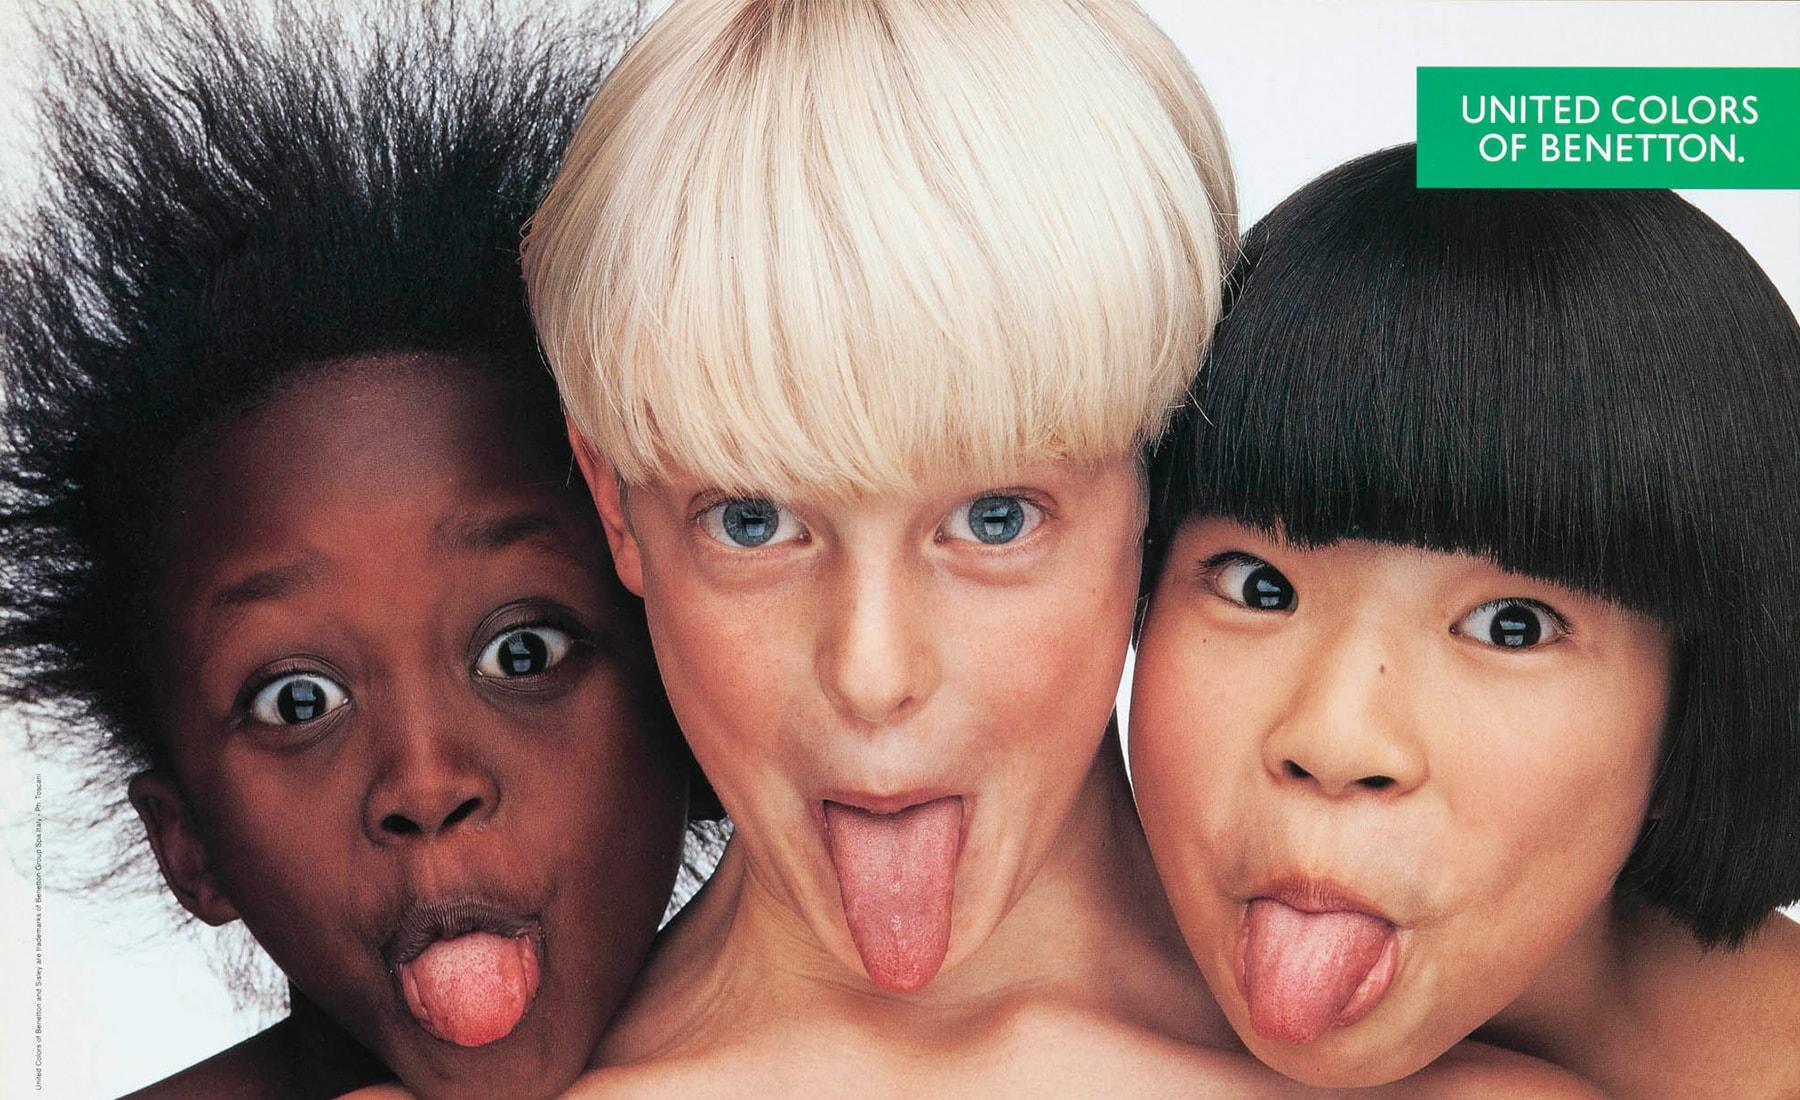 toscani-advertising-kids